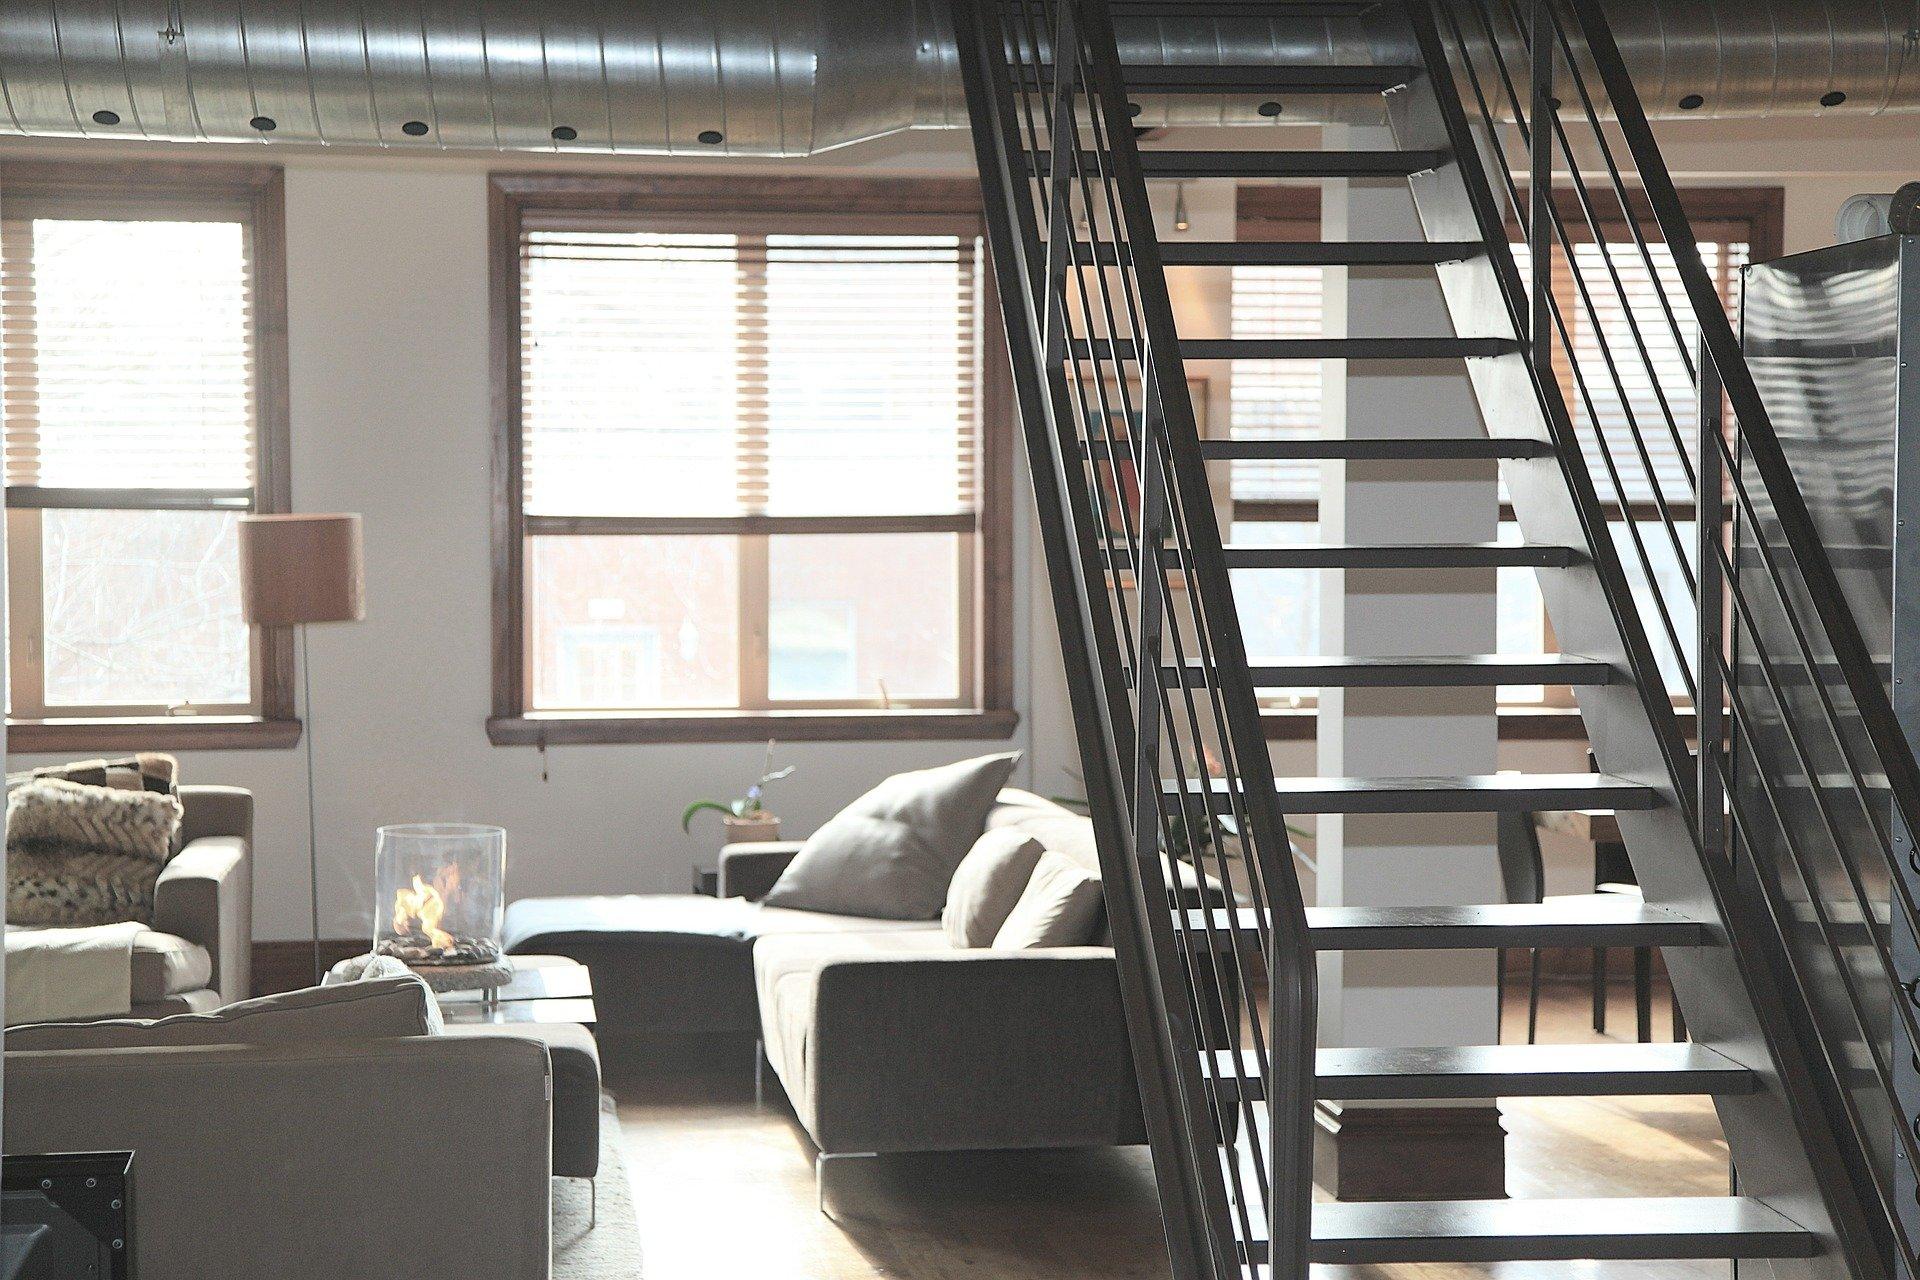 Urządzasz mieszkanie? Zanim zaczniesz wybierać meble, uzupełnij skrzynkę z narzędziami